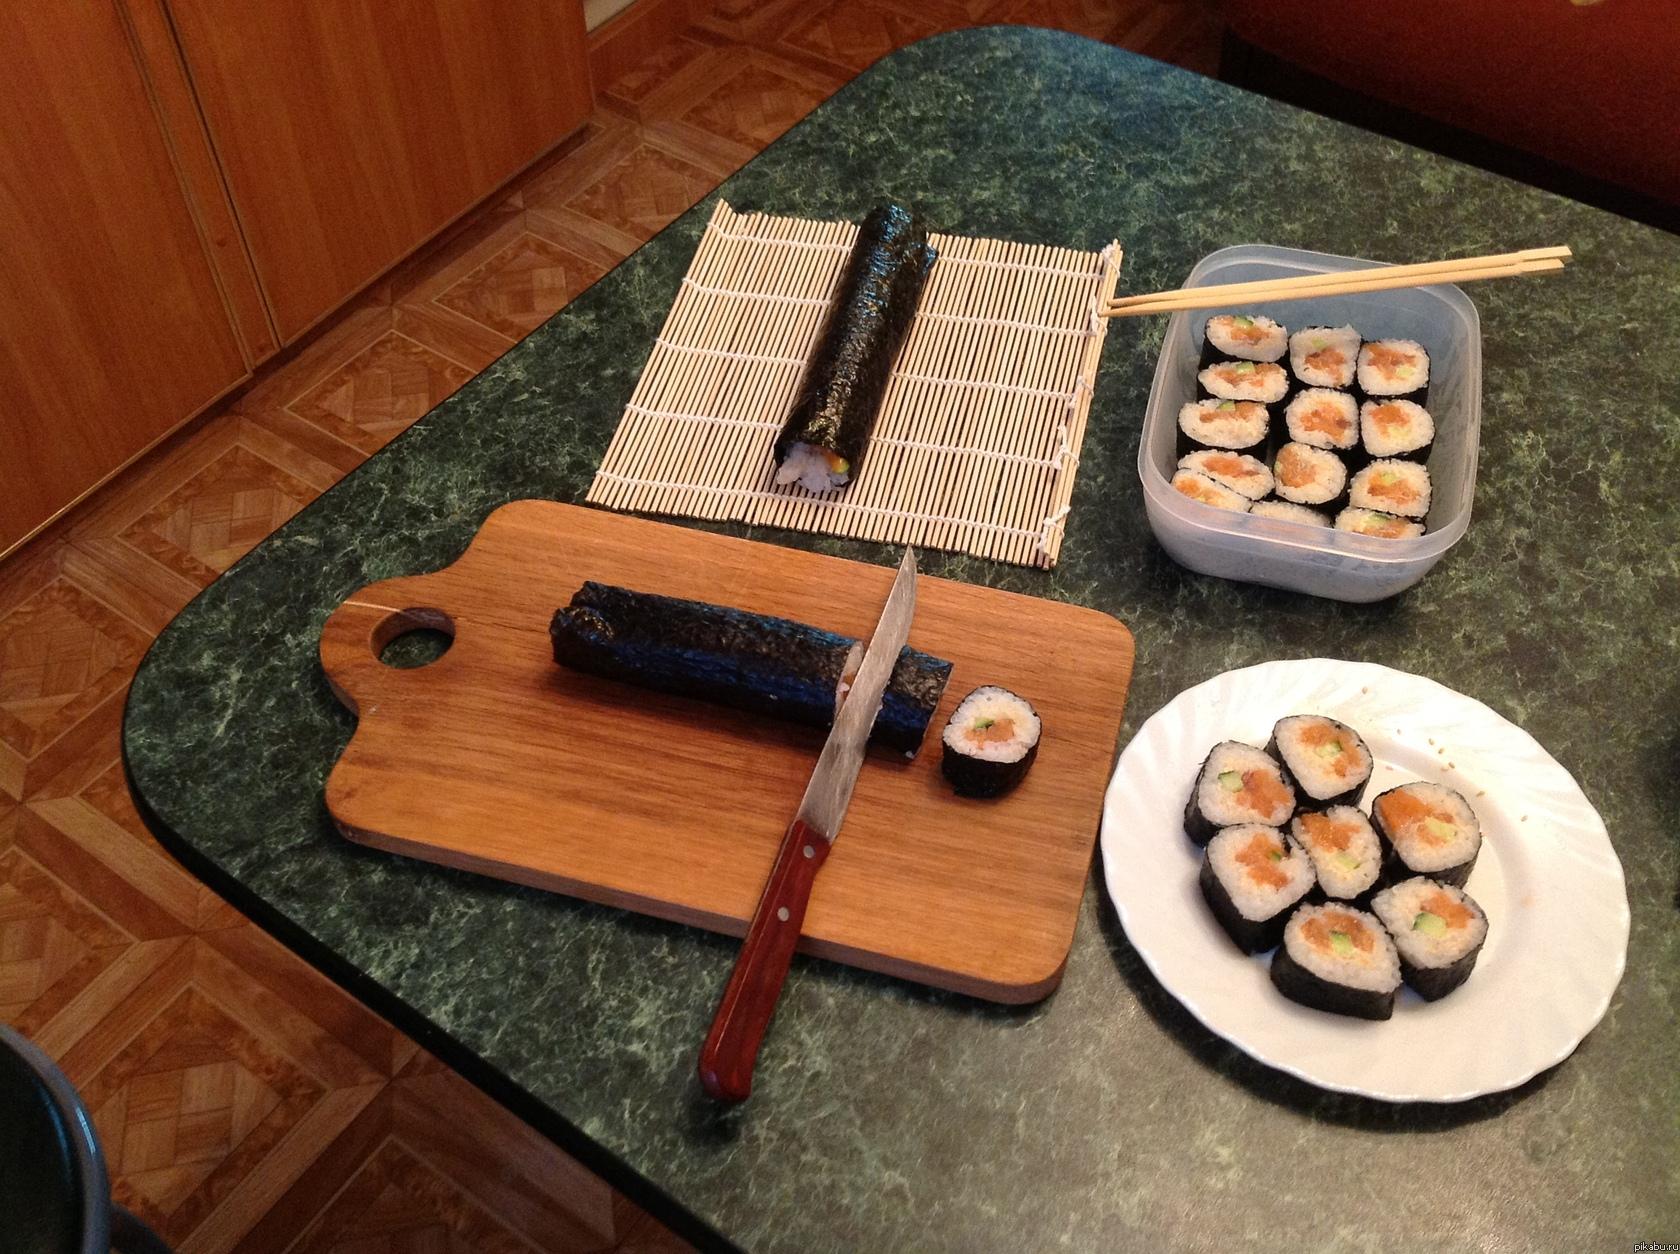 Японская кухня =) В продолжение темы еды и готовки))  Решил сегодня порадовать родителей и себя самого, и приготовил им ужин) Собственно вот, что из этого вышло)